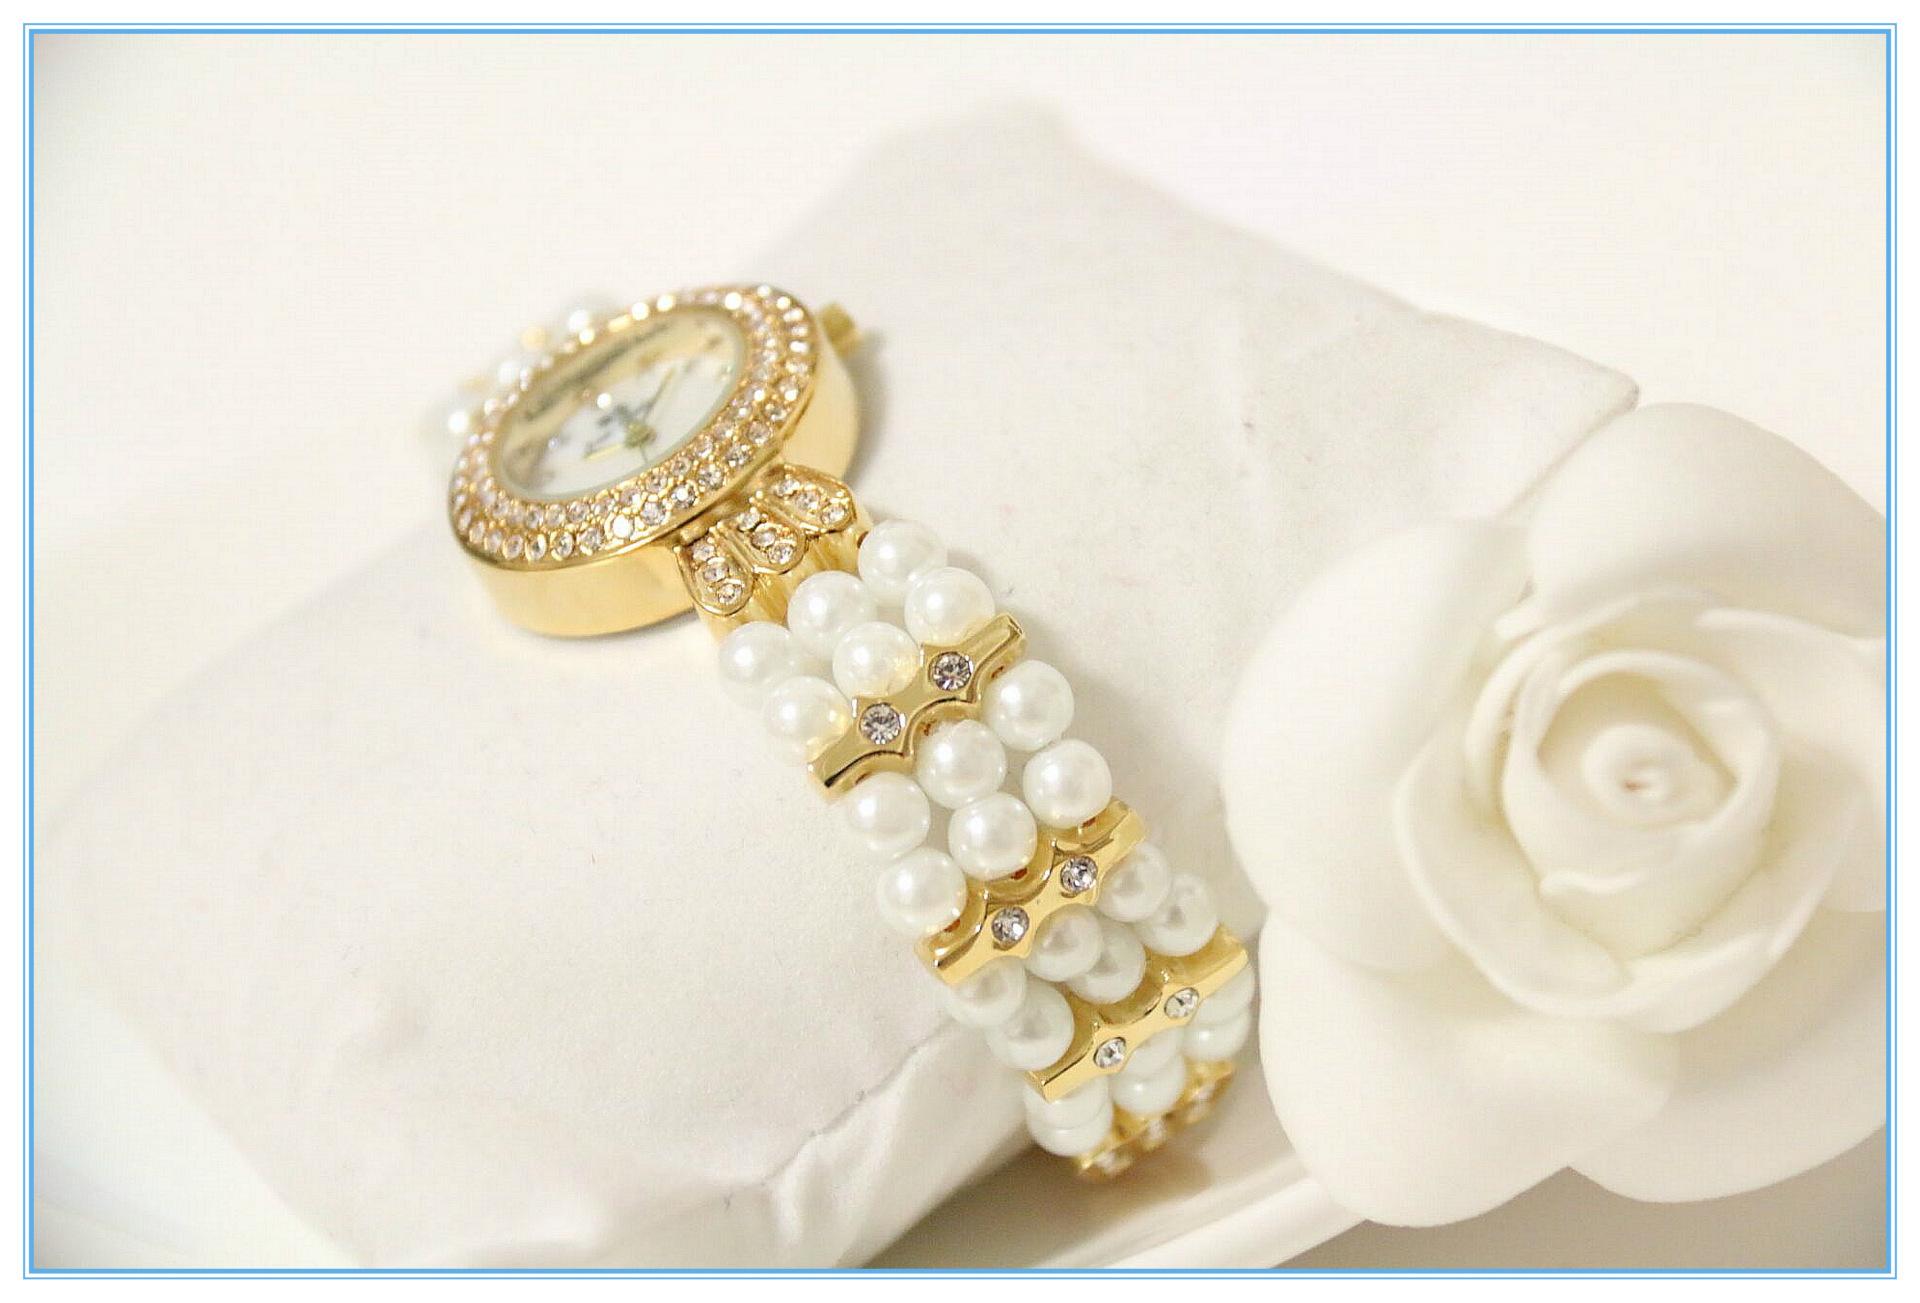 FA1240Women Часы Класса Люкс Кристалл Драгоценный Браслет Наручные Часы Платье Часы Женщины Дамы Золотые Часы Мода Женские Часы Марки